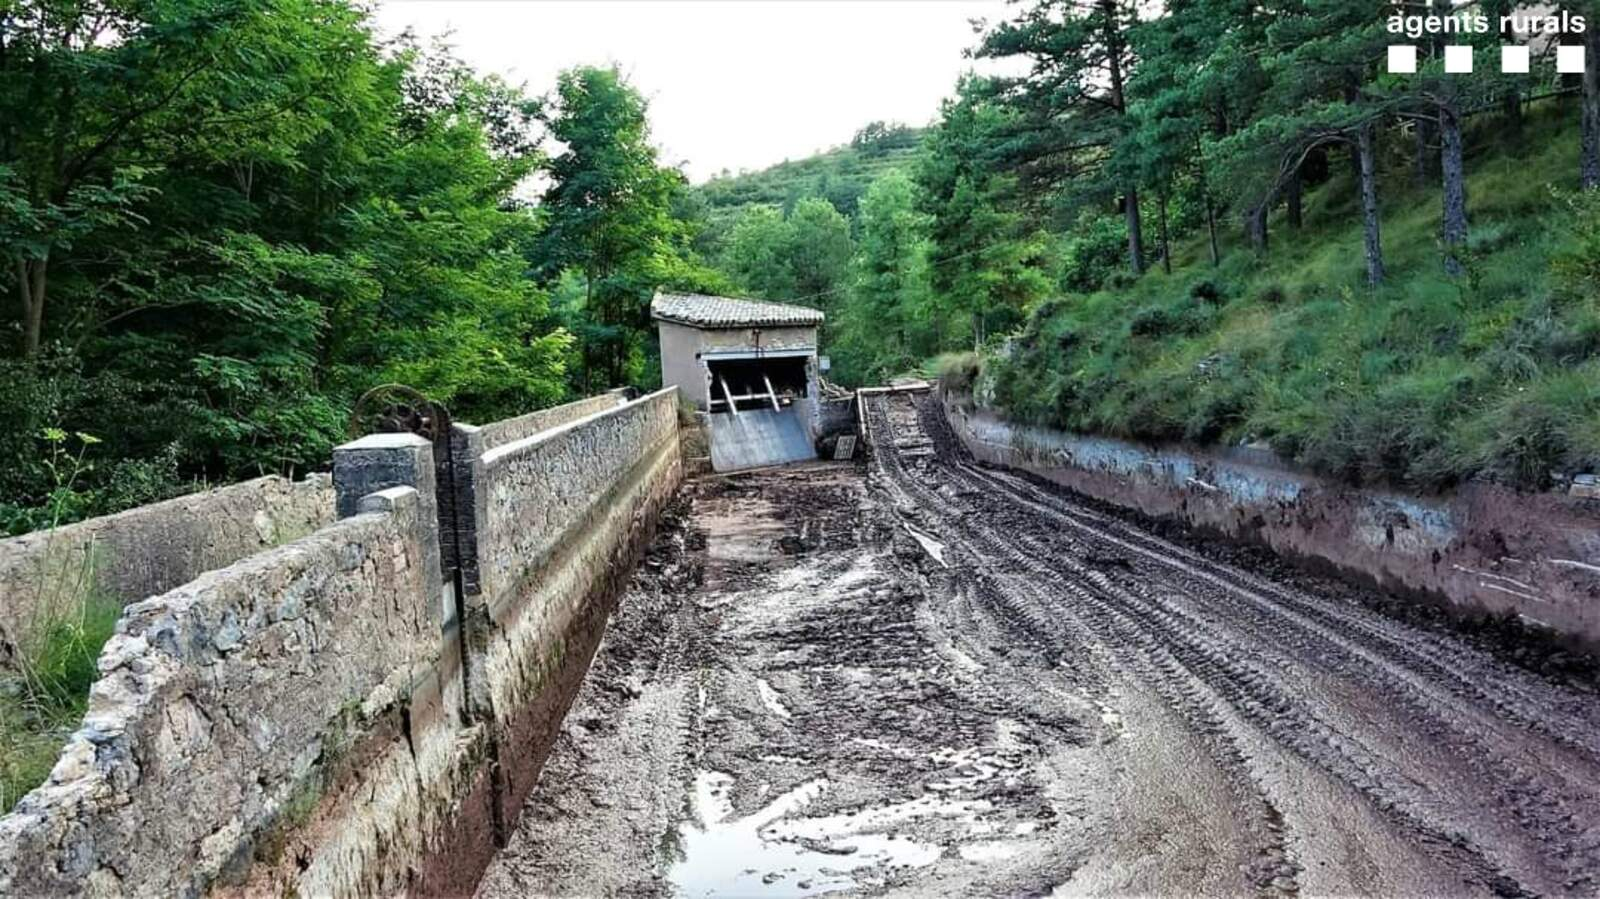 El canal es va assecar sense tenir en compte la fauna que en depèn